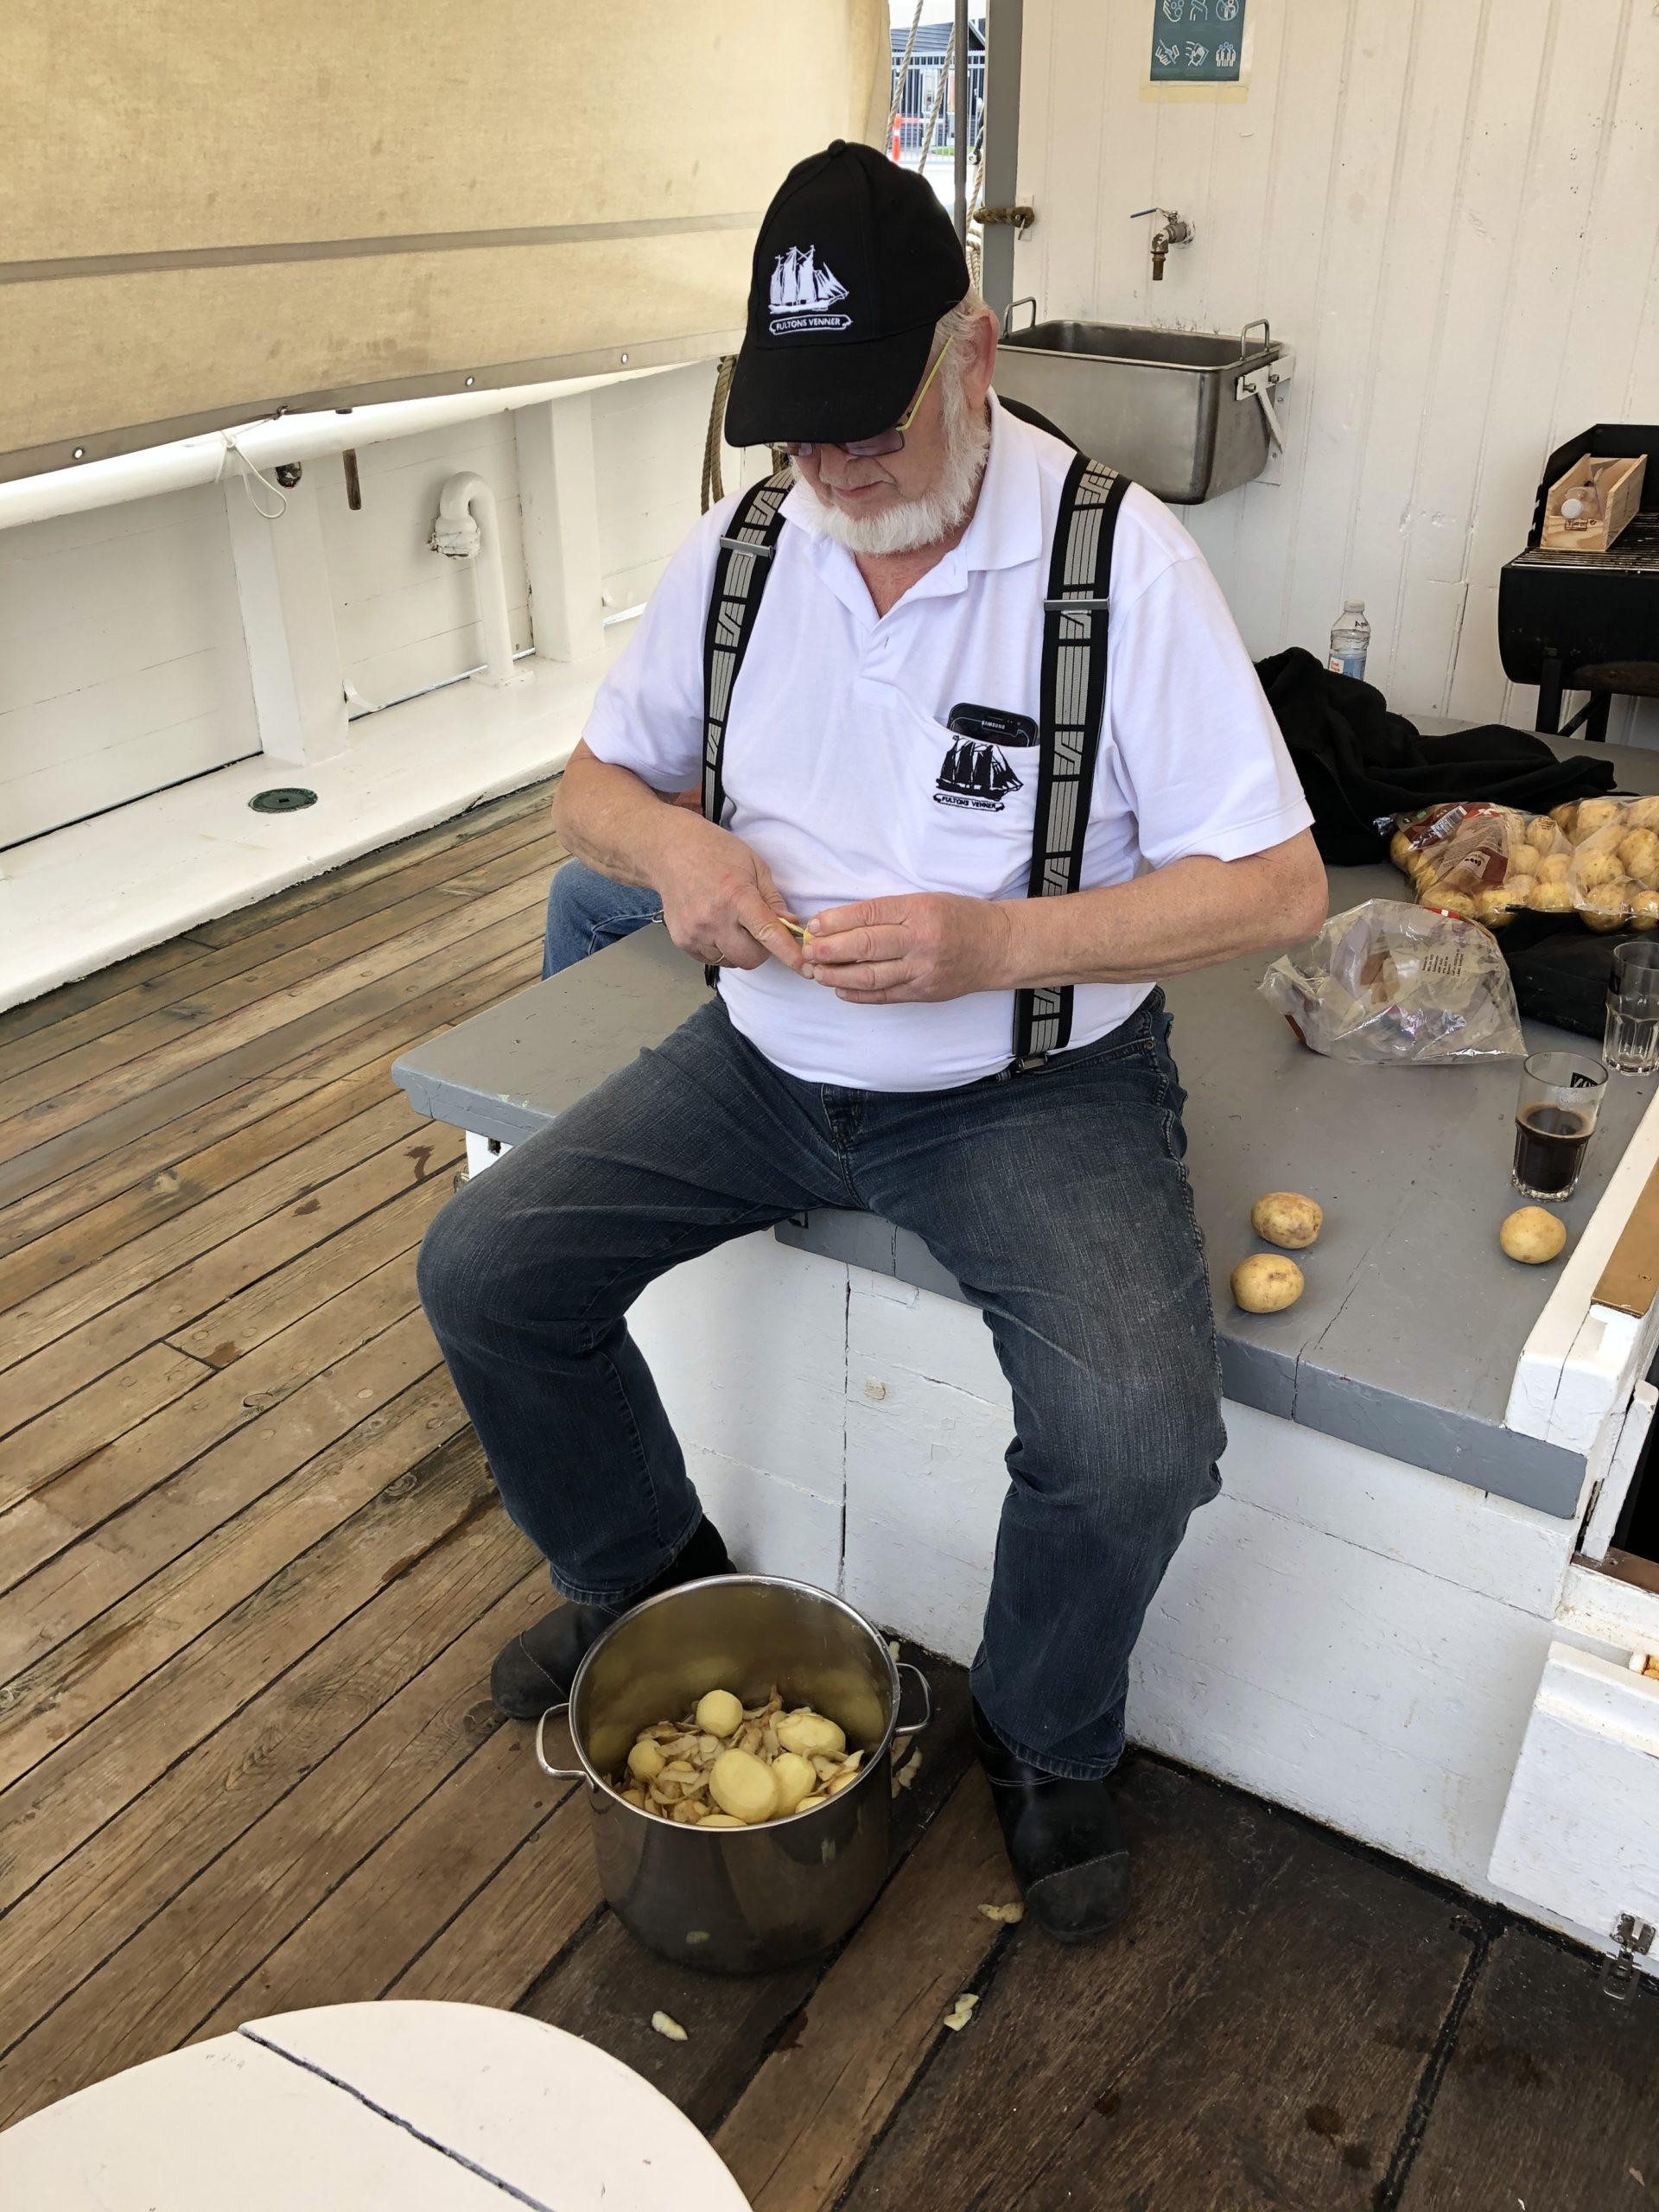 Kartoflerne skrælles på medlemssejlads